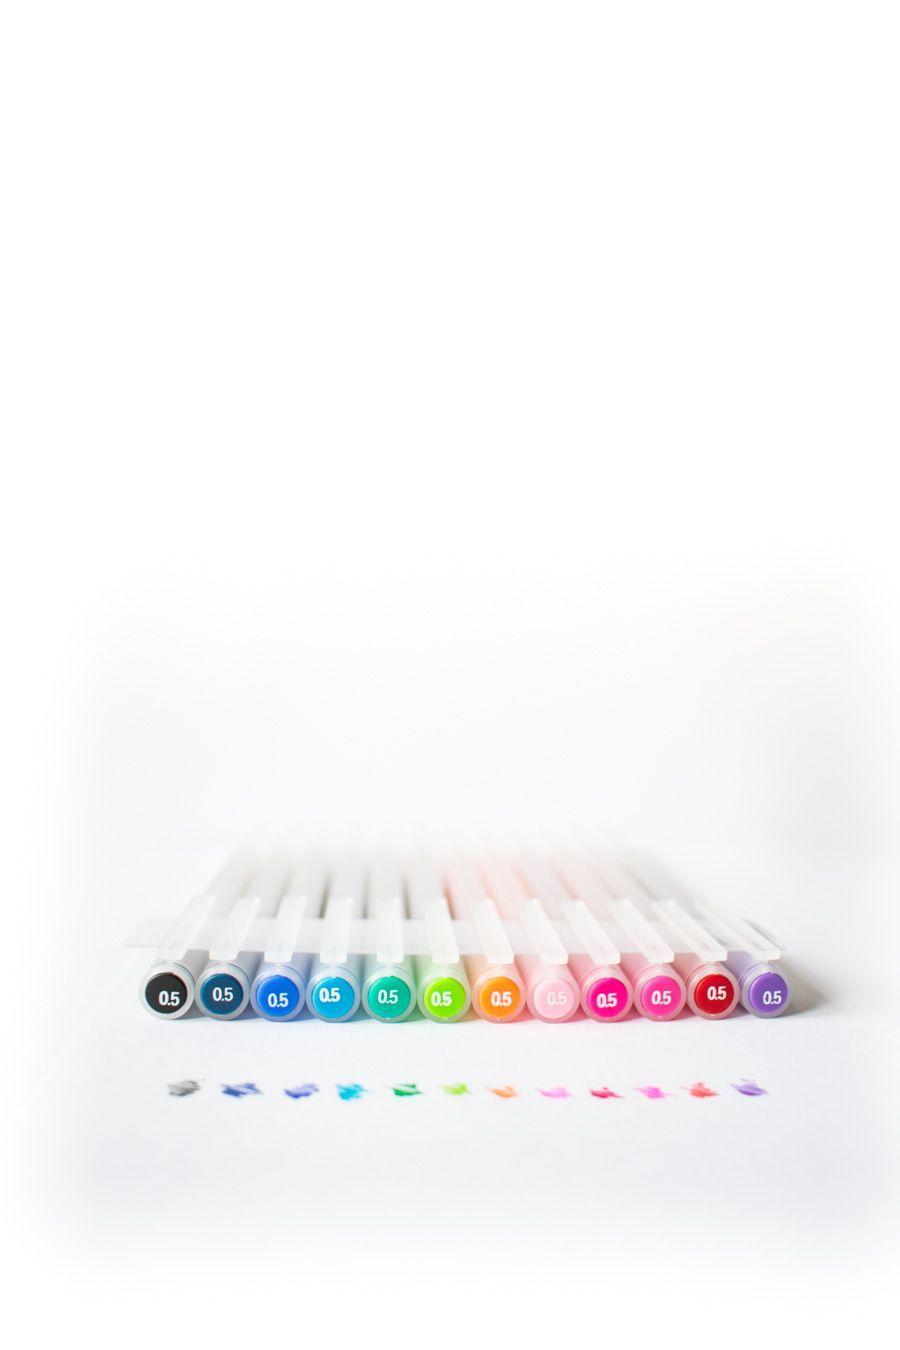 bolis de colores